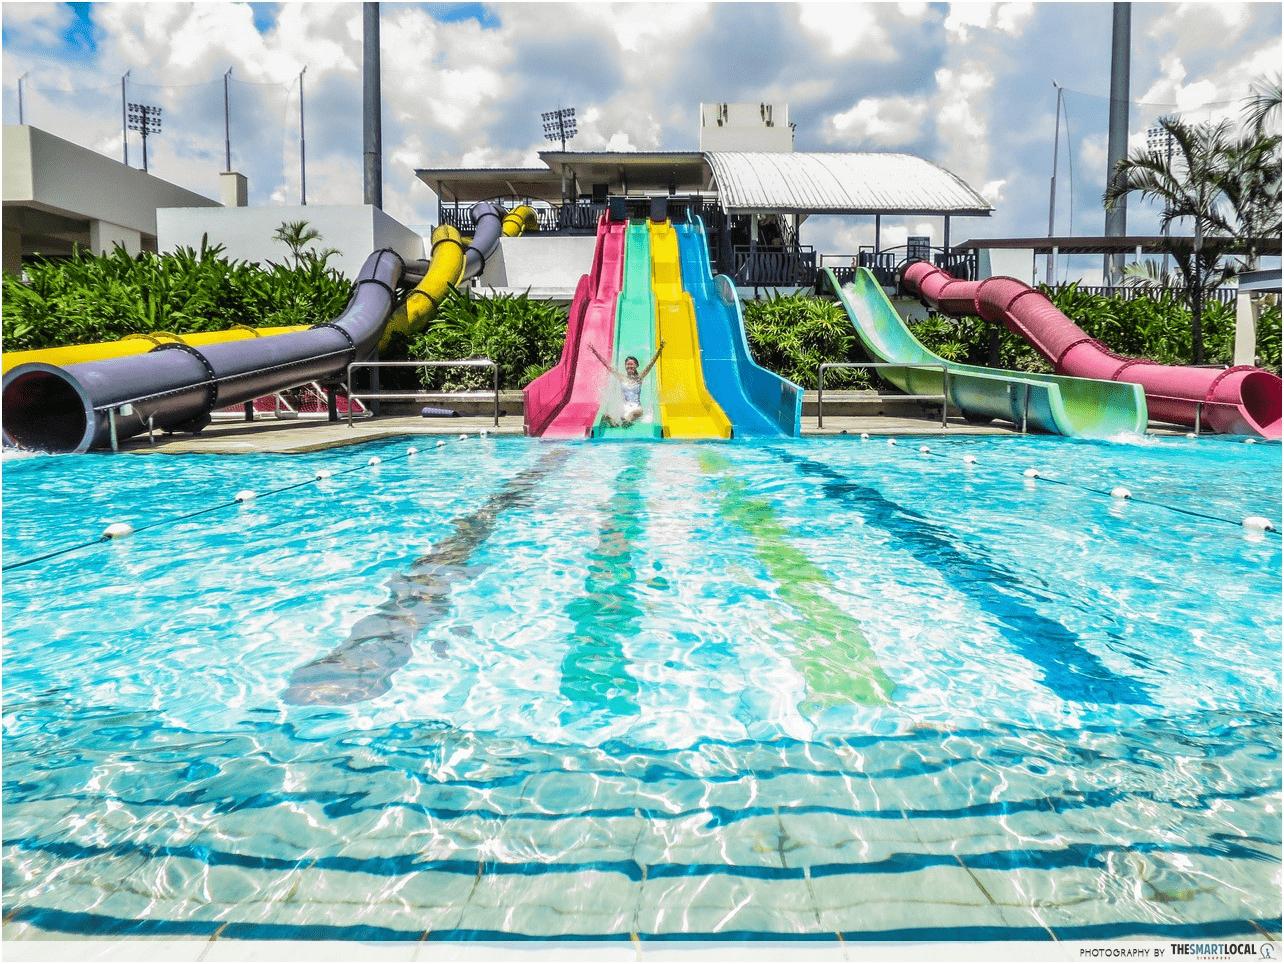 Things to do in Sengkang -Sengkang Swimming Complex